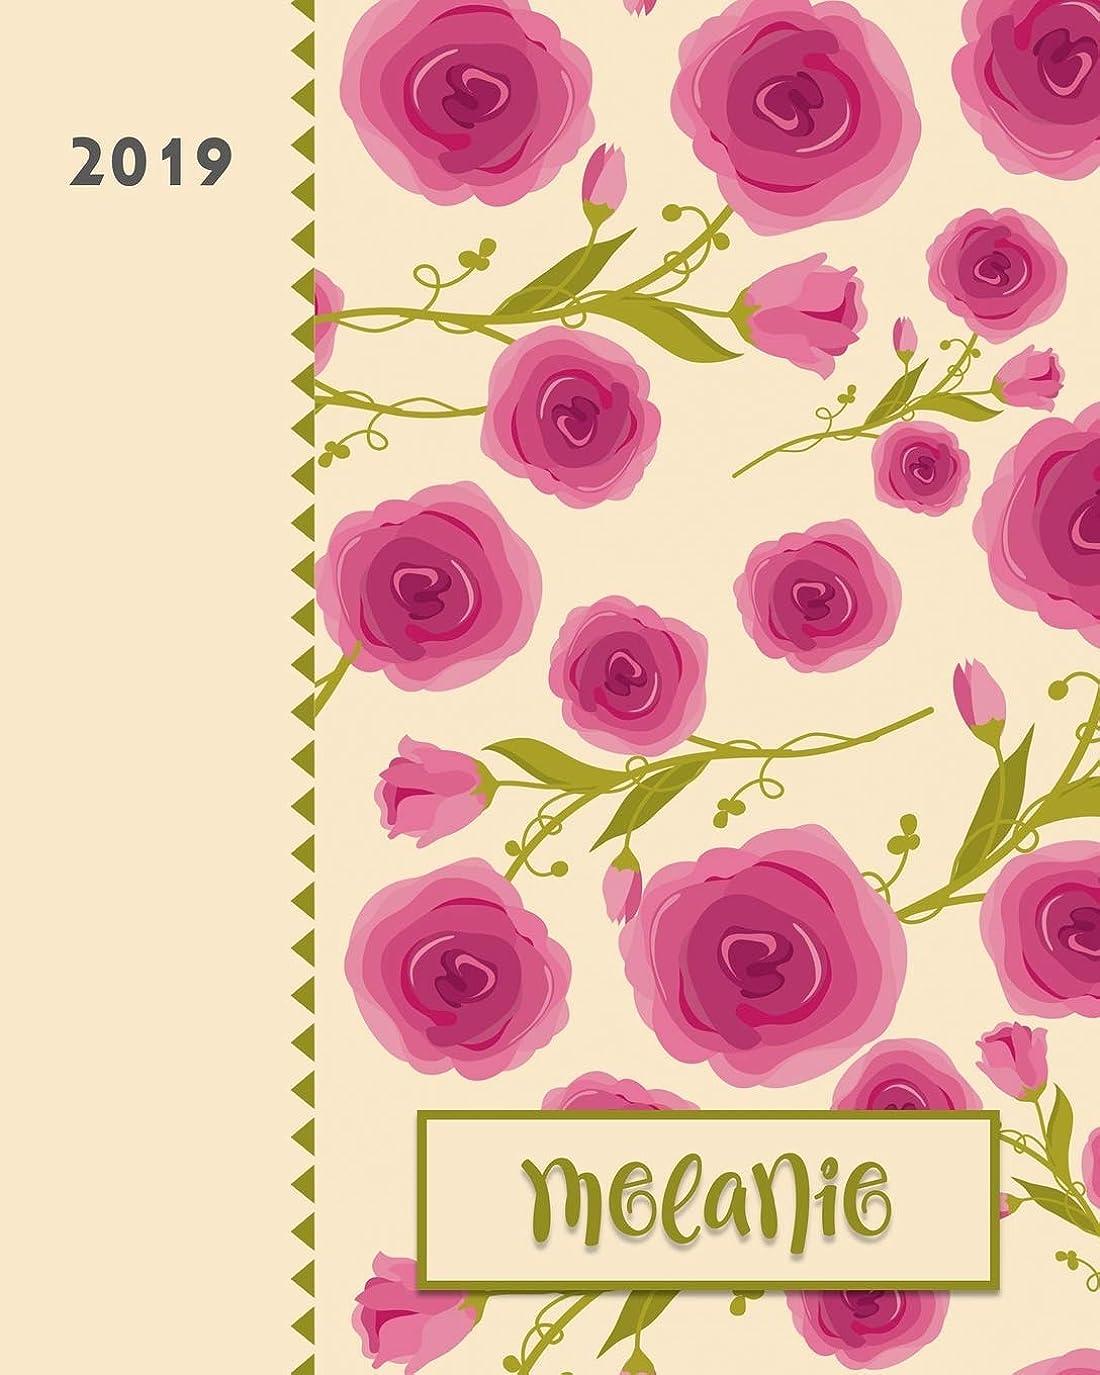 広がり小道勢いMelanie 2019: Personalized Weekly Planner including Monthly View | 12 Months January to December | Fanciful Pink Roses Design on Cream